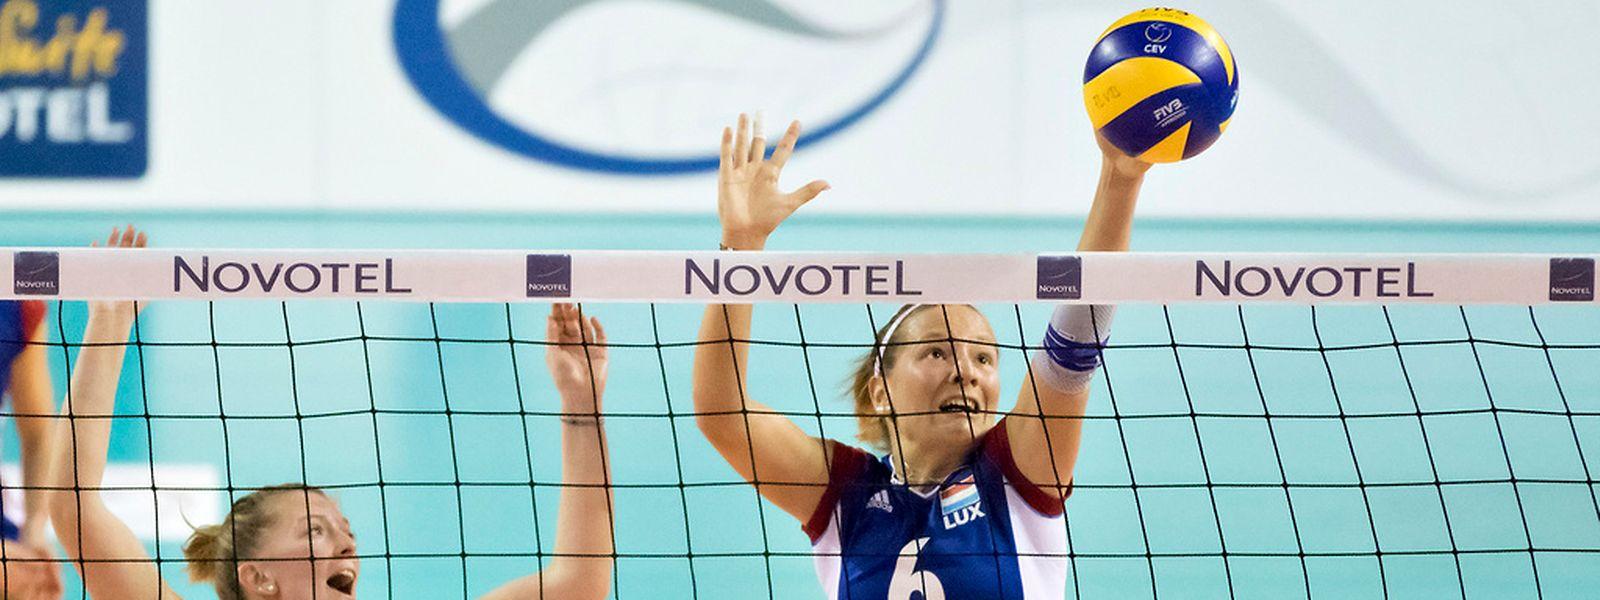 Isabelle Frisch (r.) und Lara Ernster konnten sich mit ihren Teamkolleginnen über den zweiten Gesamtrang freuen.